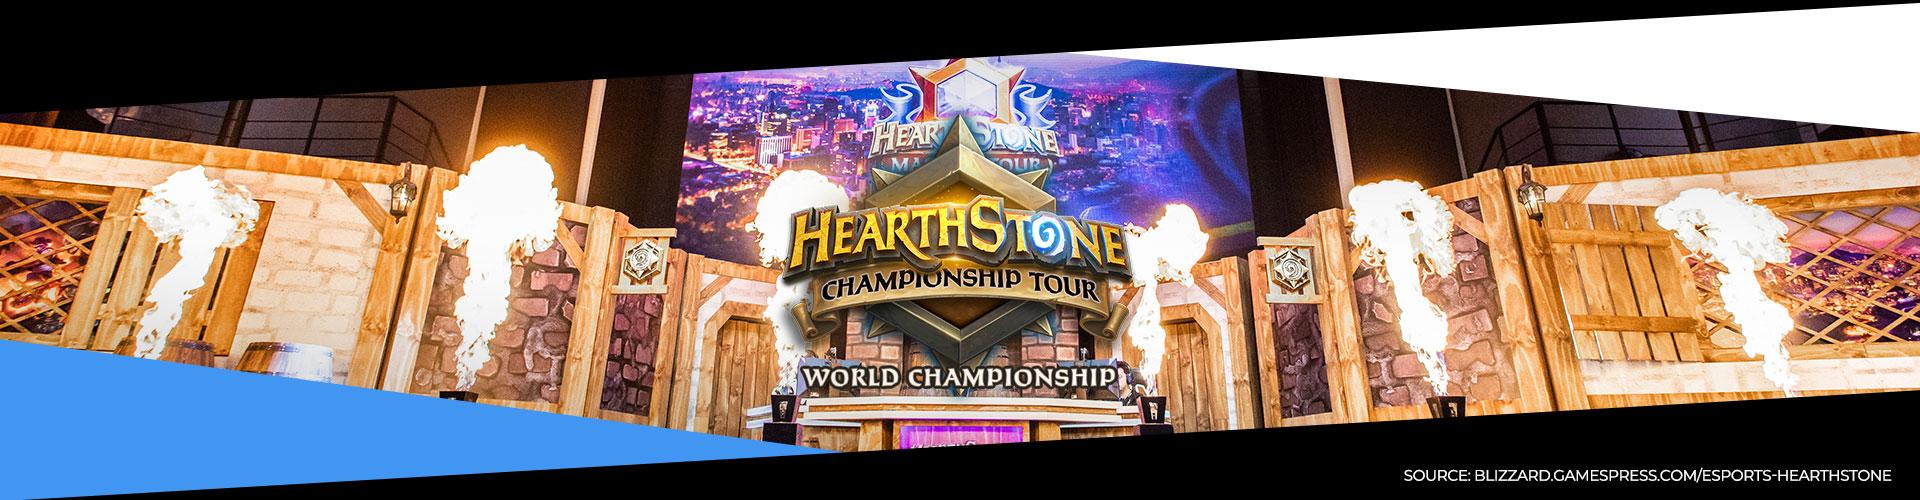 Den första dagen av världsmästerskapet i Hearthstone är färdigspelad.